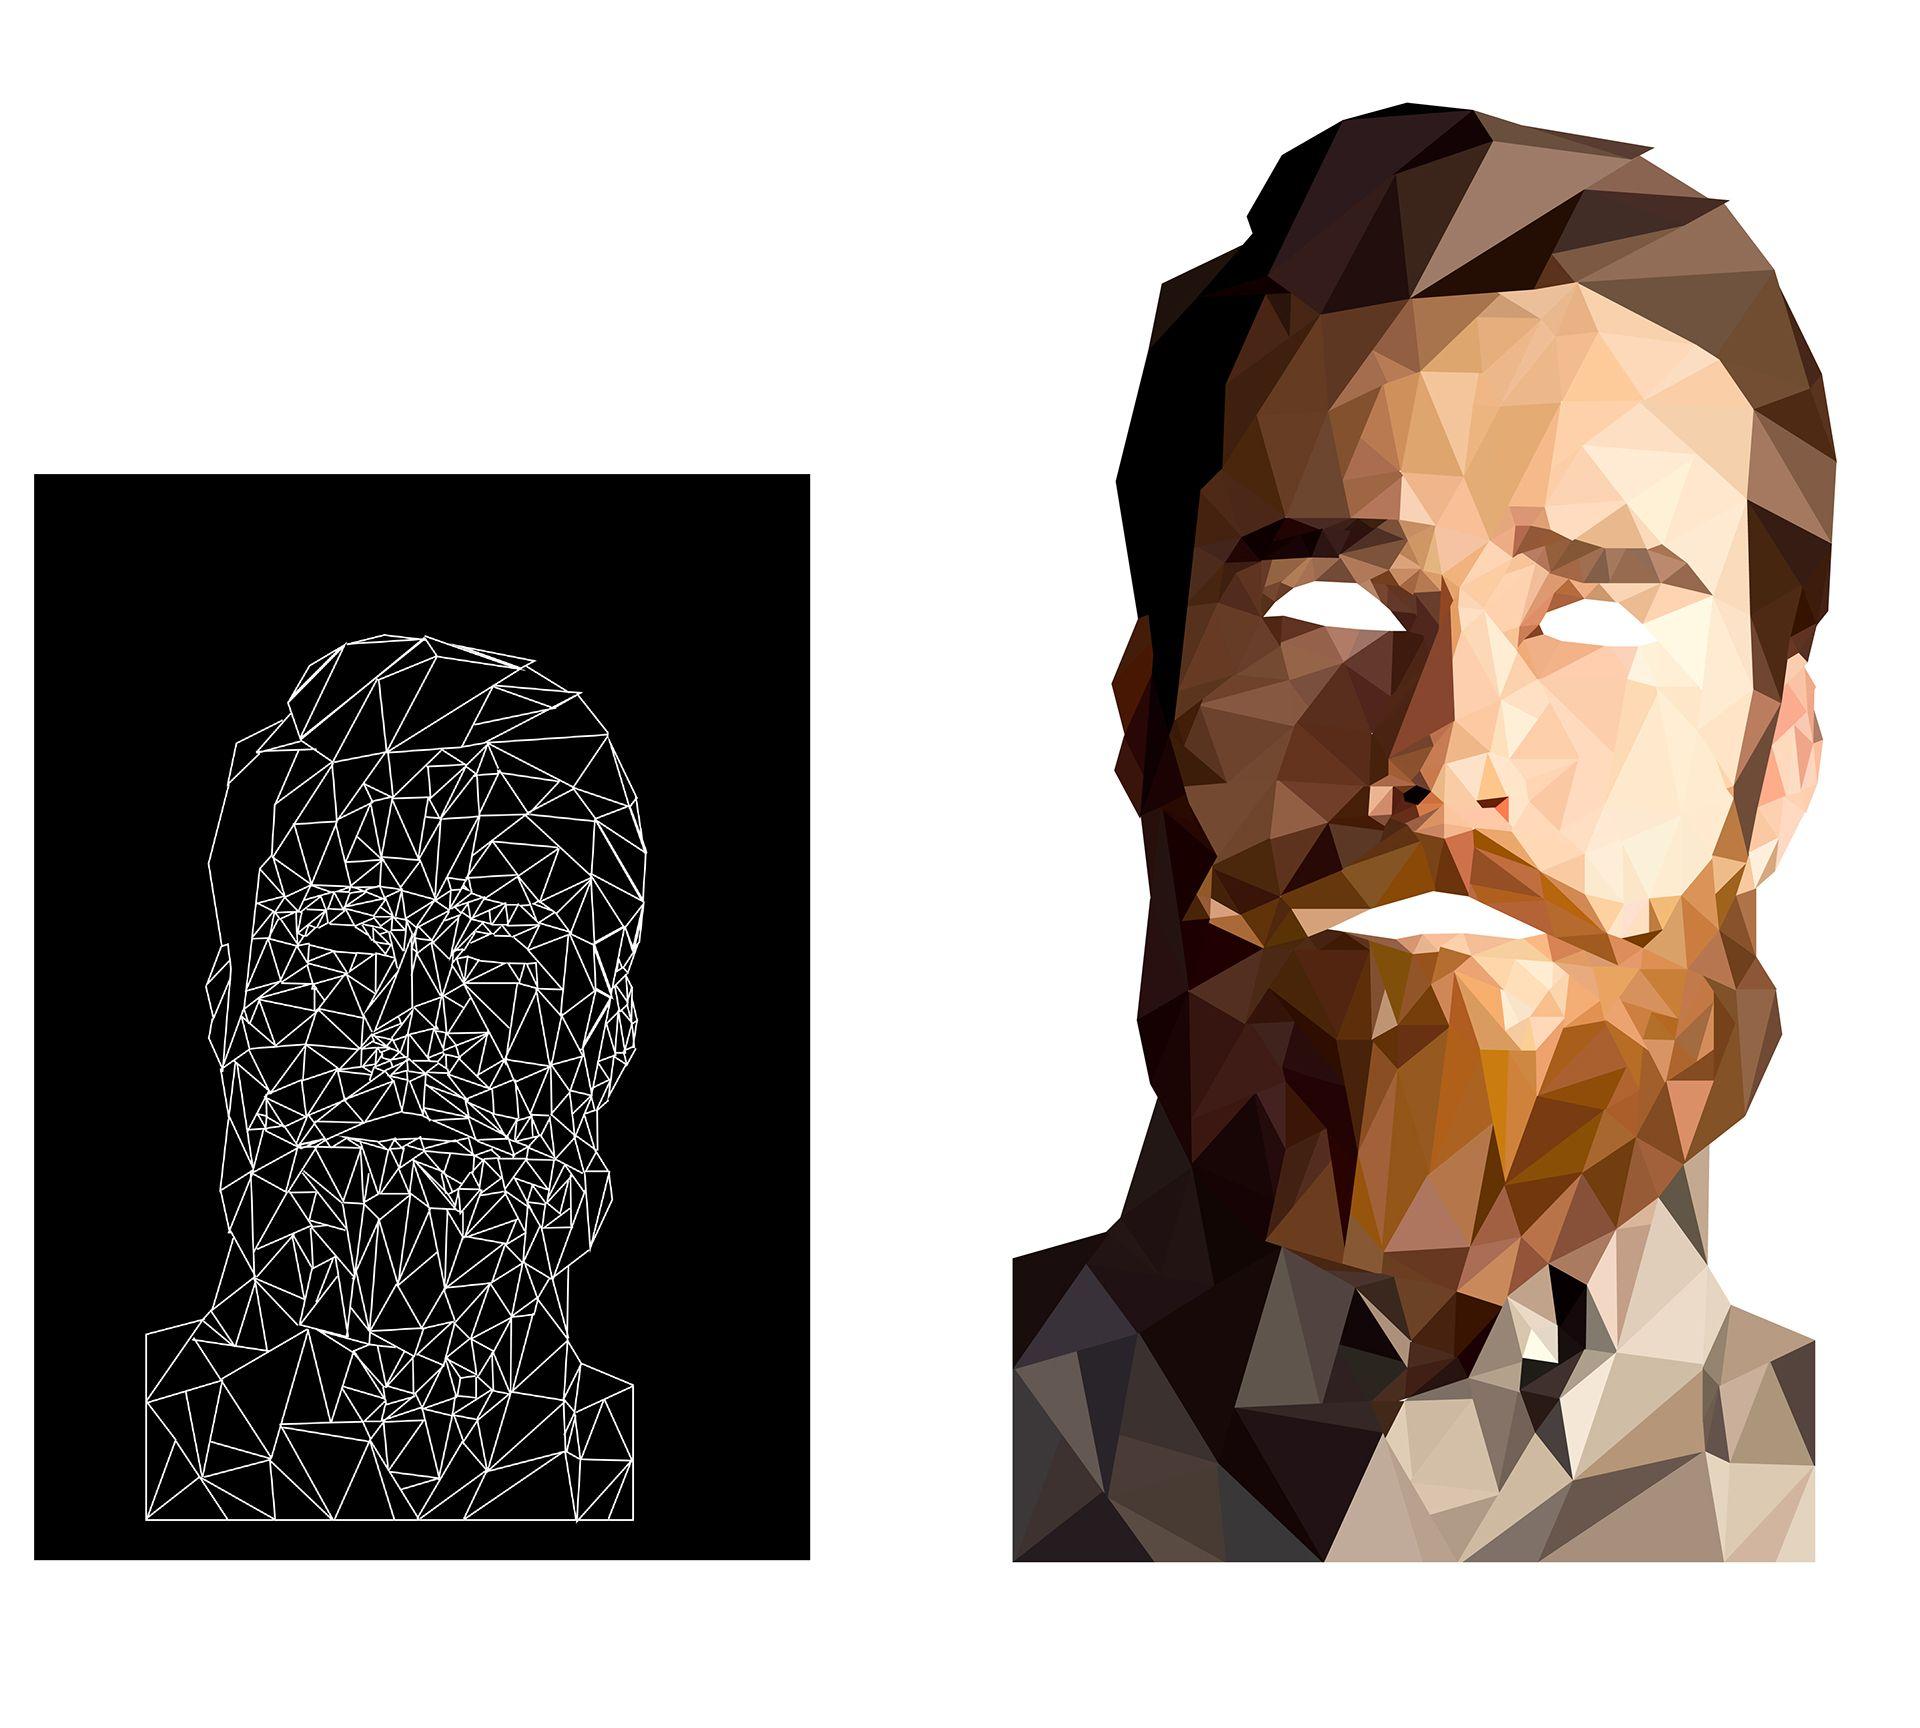 Inicio de um Infográfico desenvolvido apenas em Poly Art by Ygor Batista